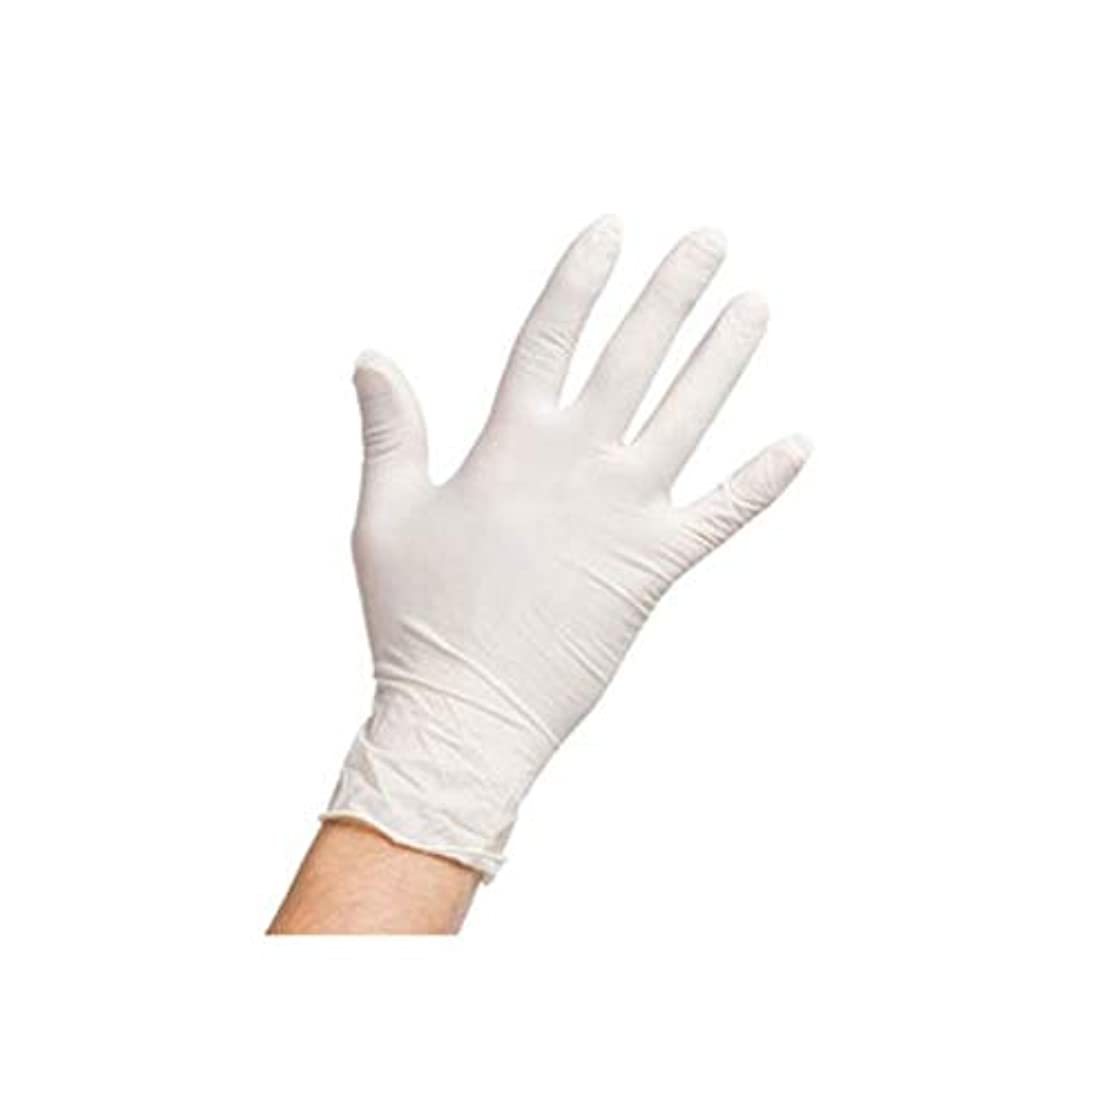 薄暗い重なるおんどり(A1ラテックス) 最高品質のLatex手袋 ニトリル手袋 パウダーフリー 無粉末 200枚(6g Latex、4g Nitrile)【海外配送商品】【並行輸入品】 (S)